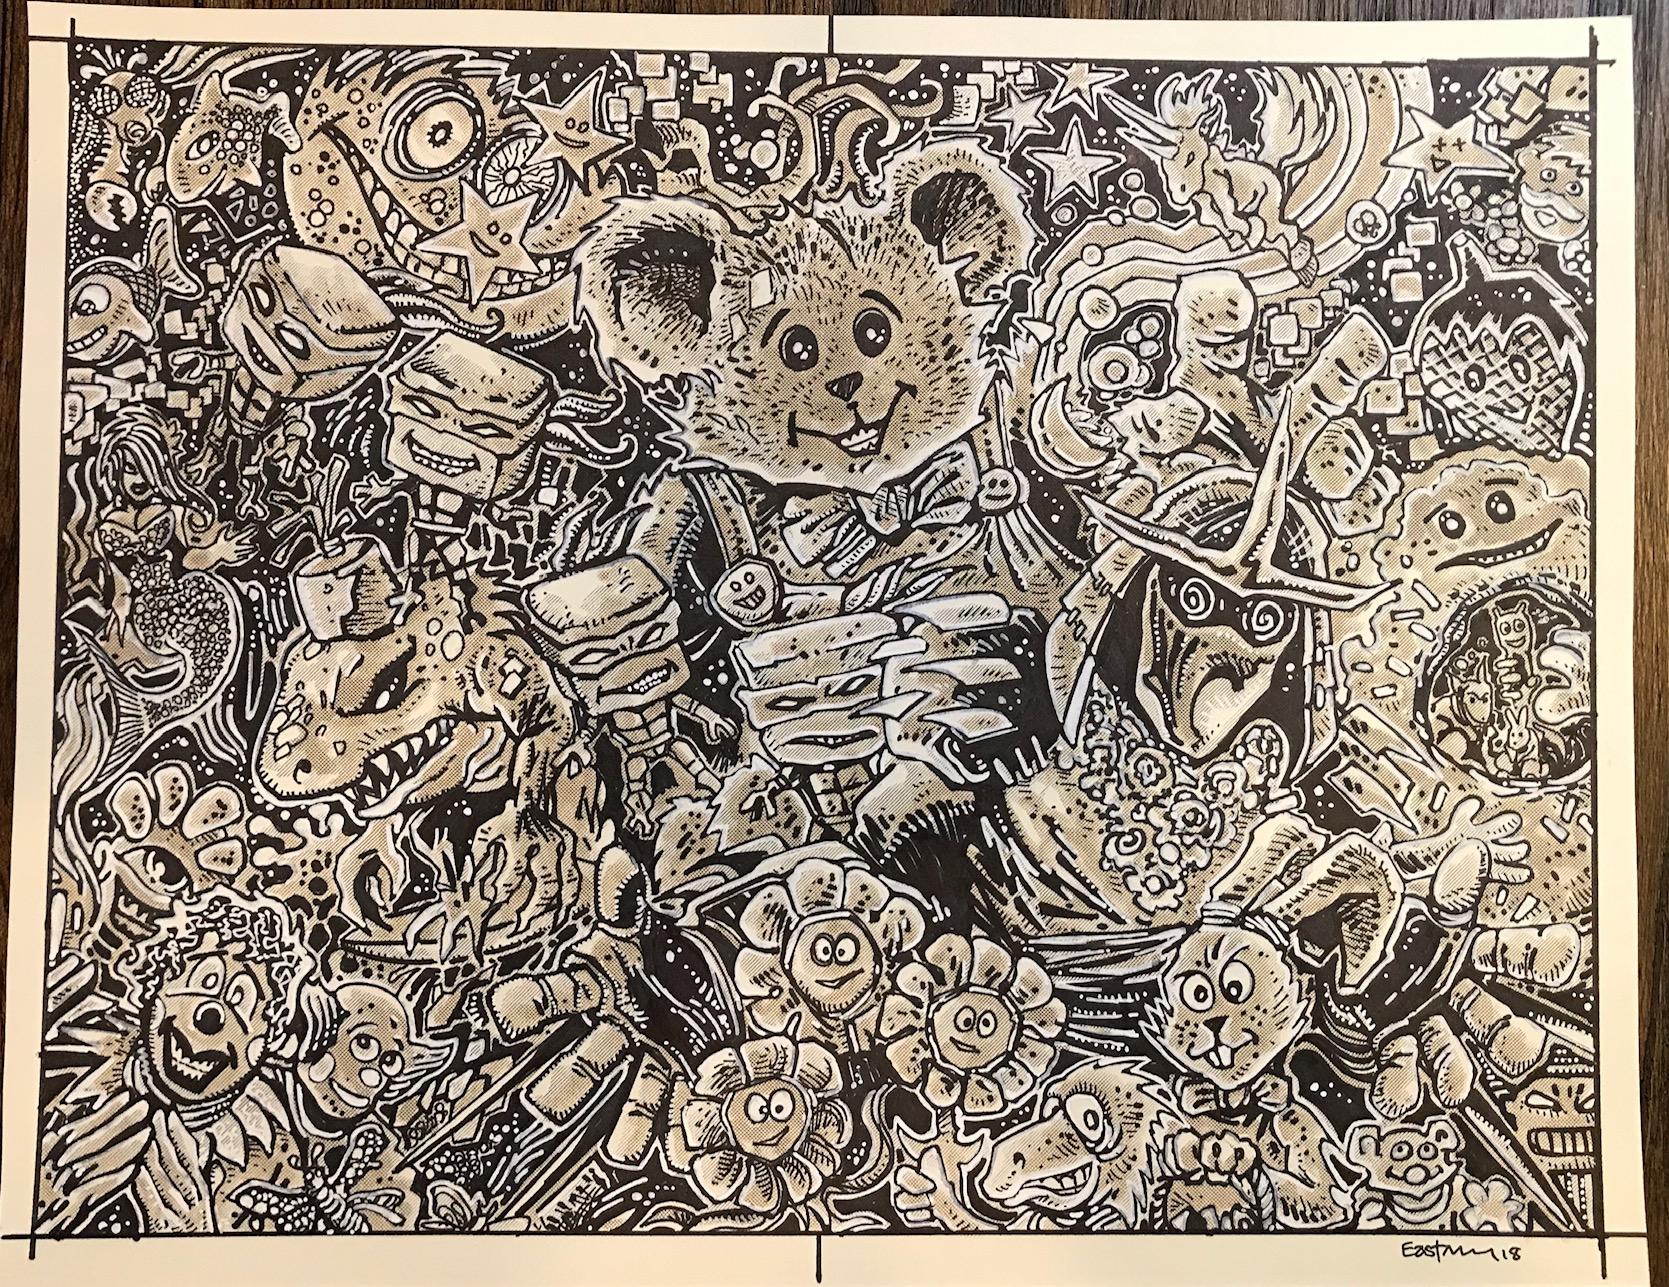 Shredder in Hell Original Artwork